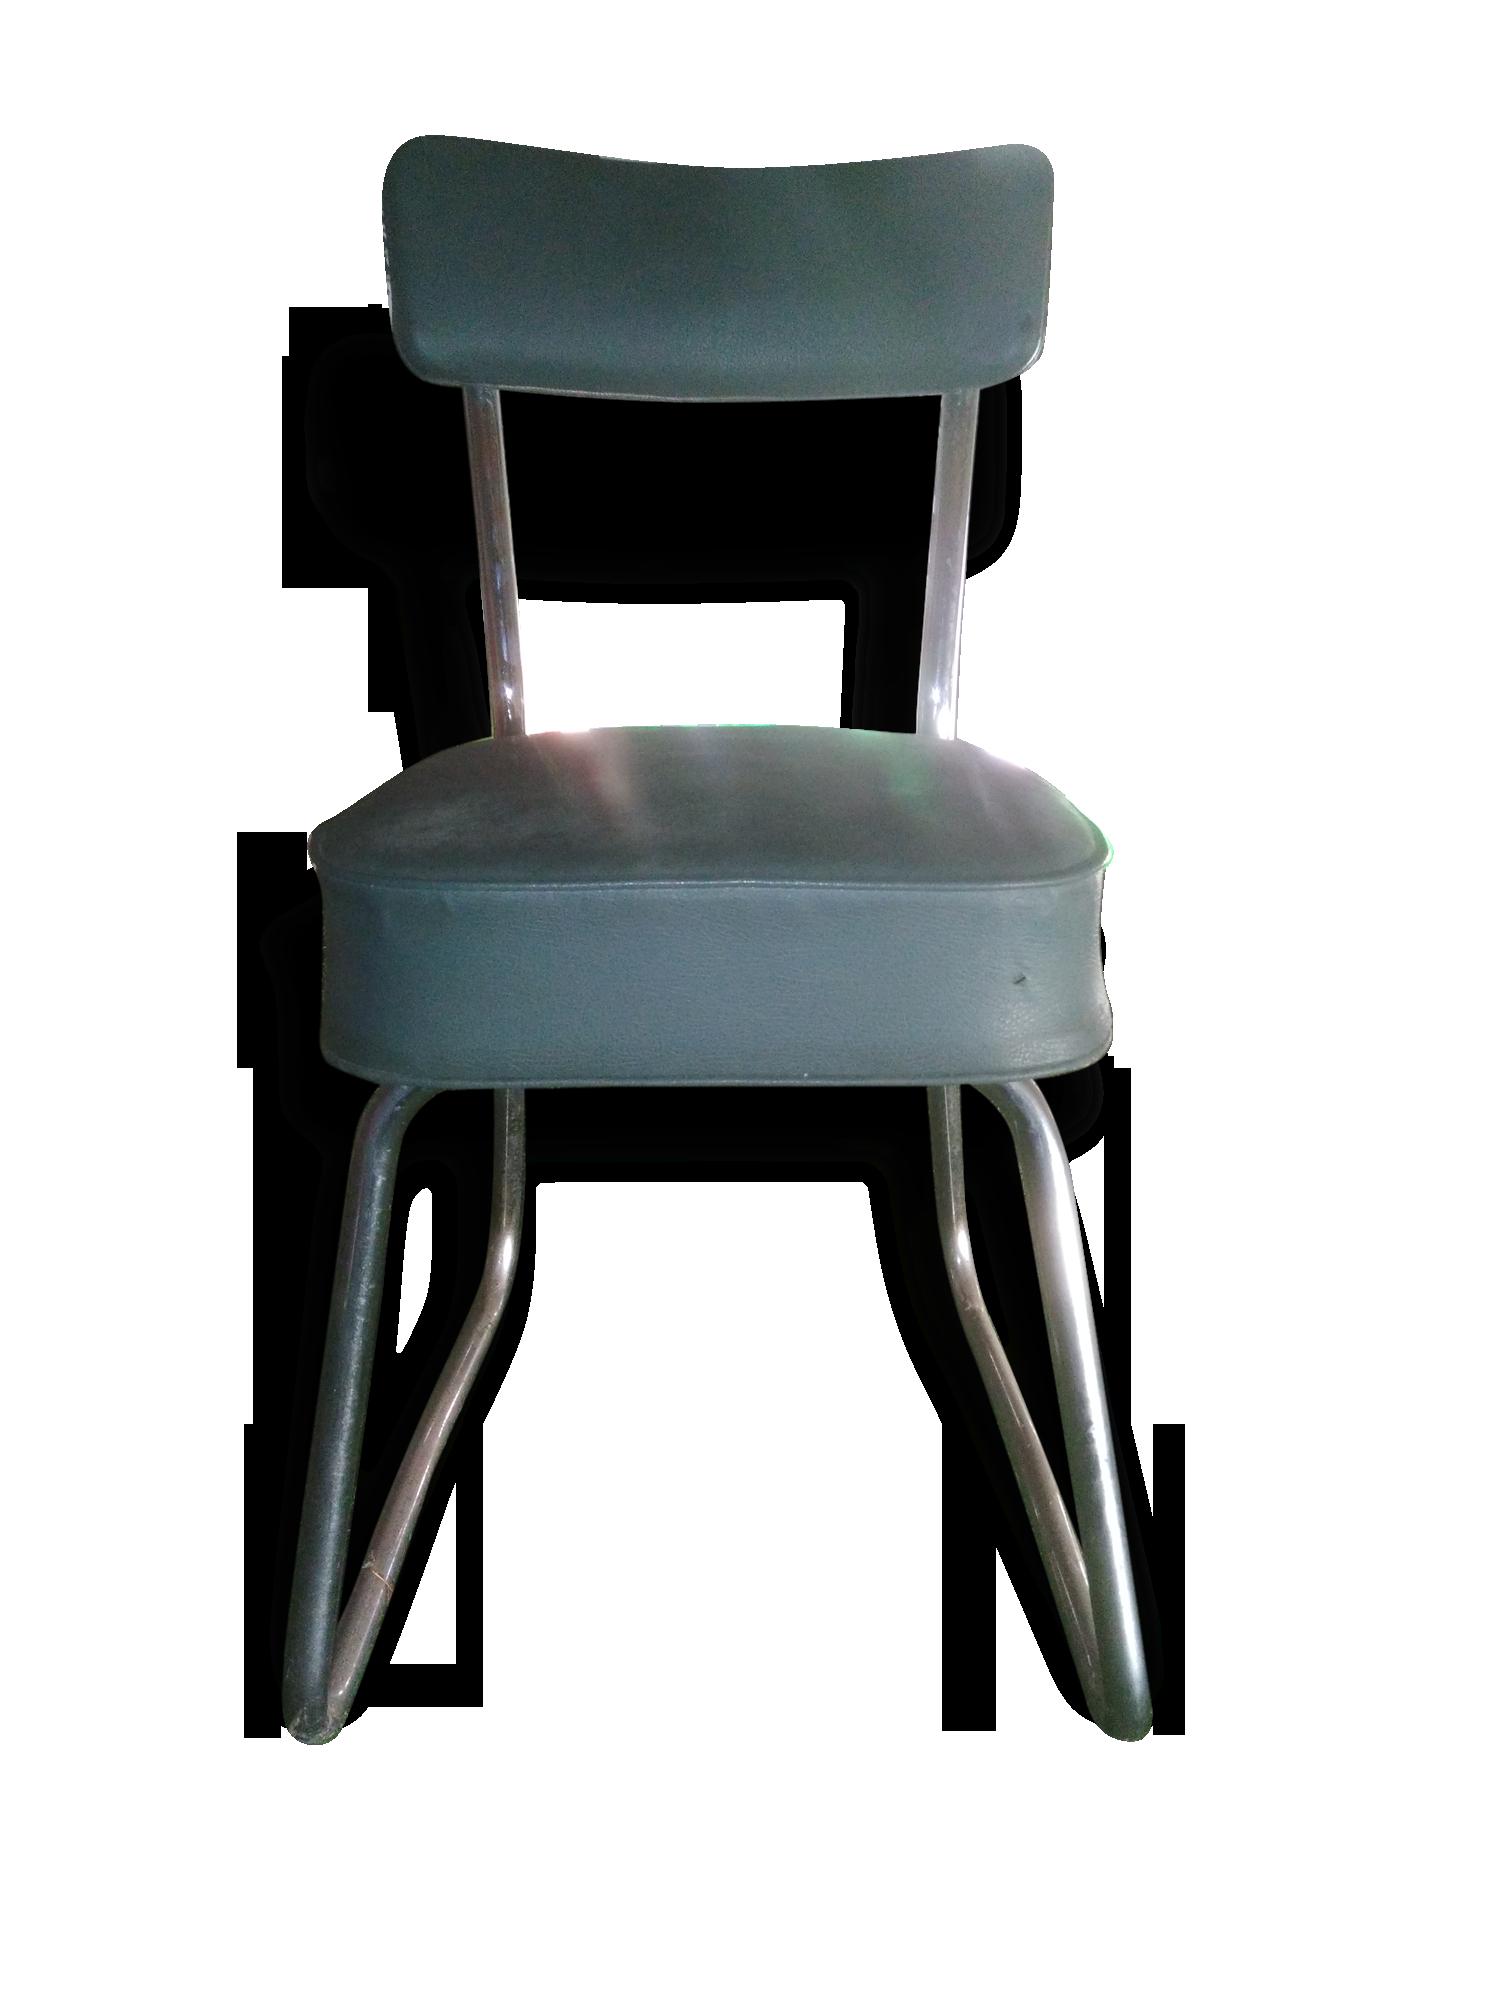 Chaise de bureau industrielle roneo mtal vert industriel